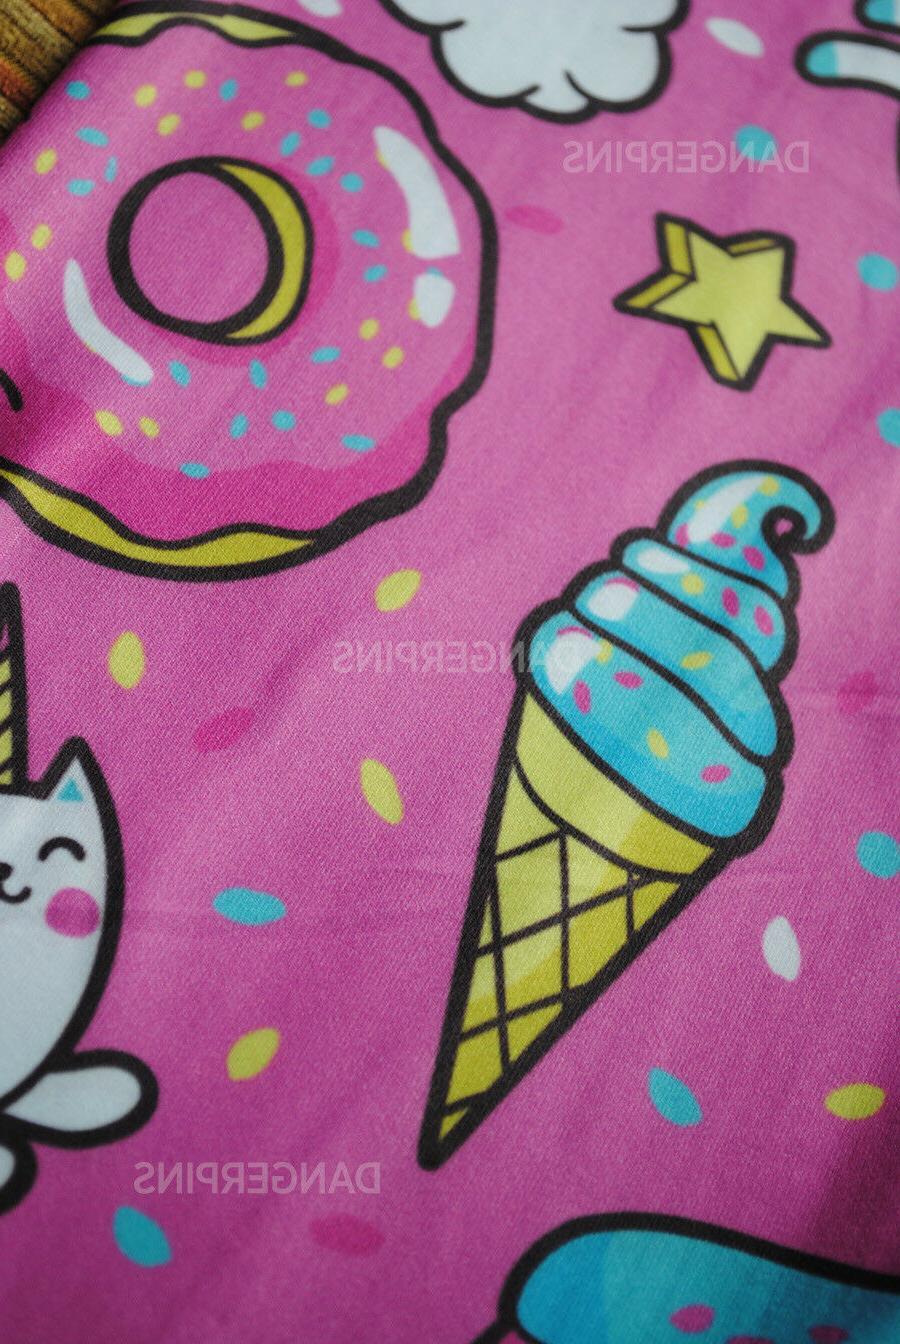 Pink Donut size kawaii